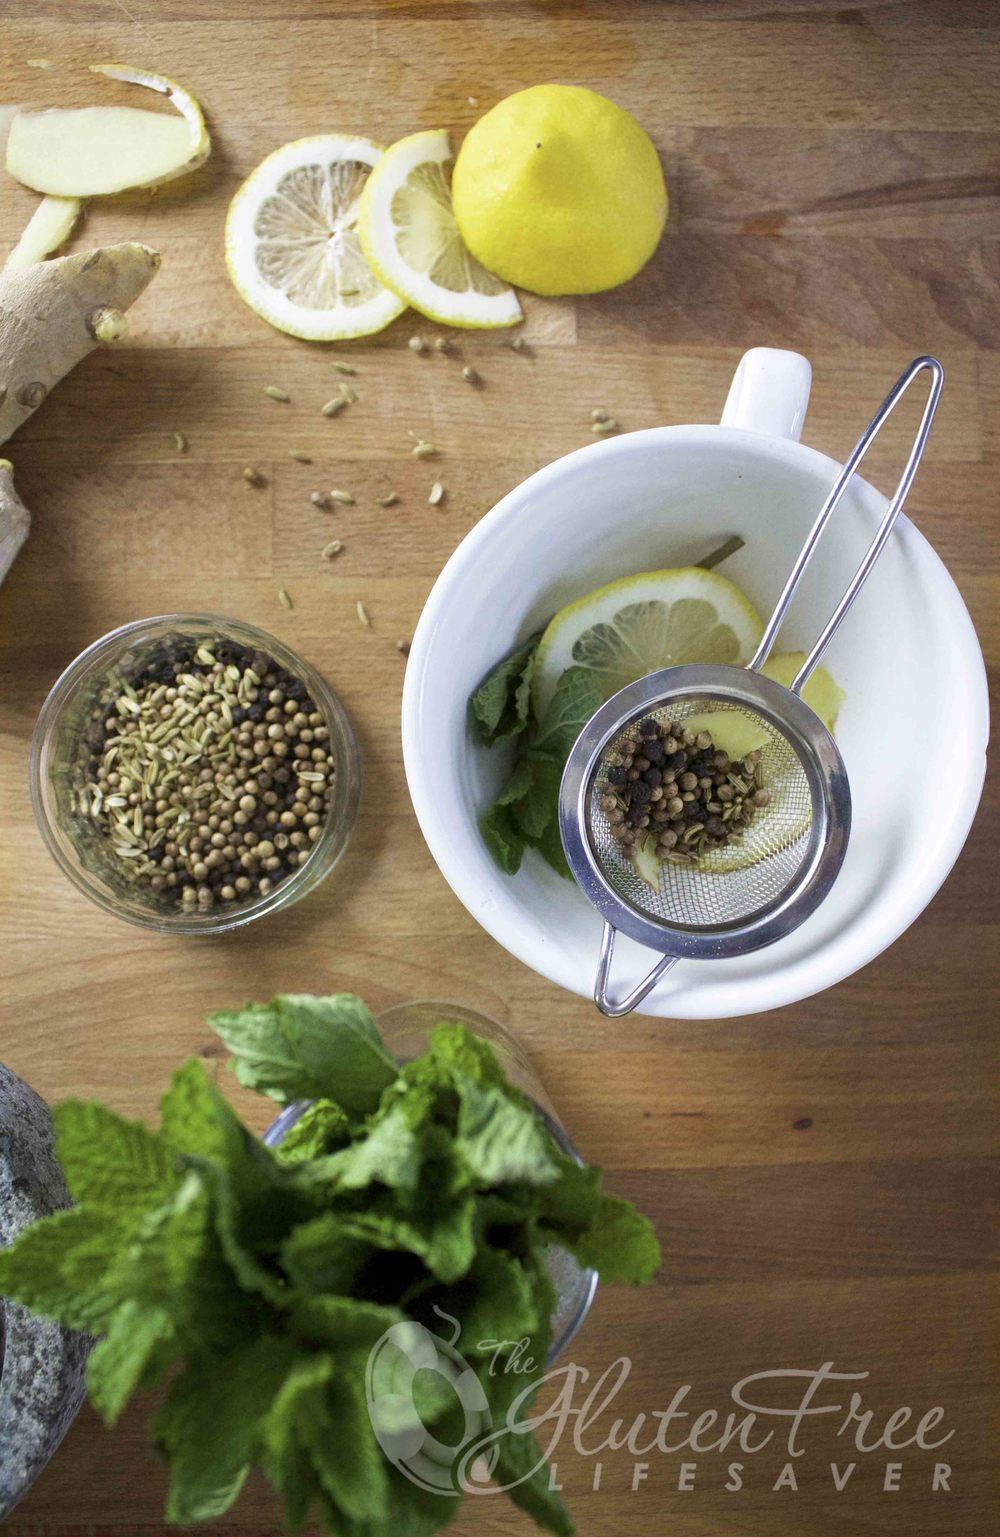 oppskrift på detox mint te som renser kroppen